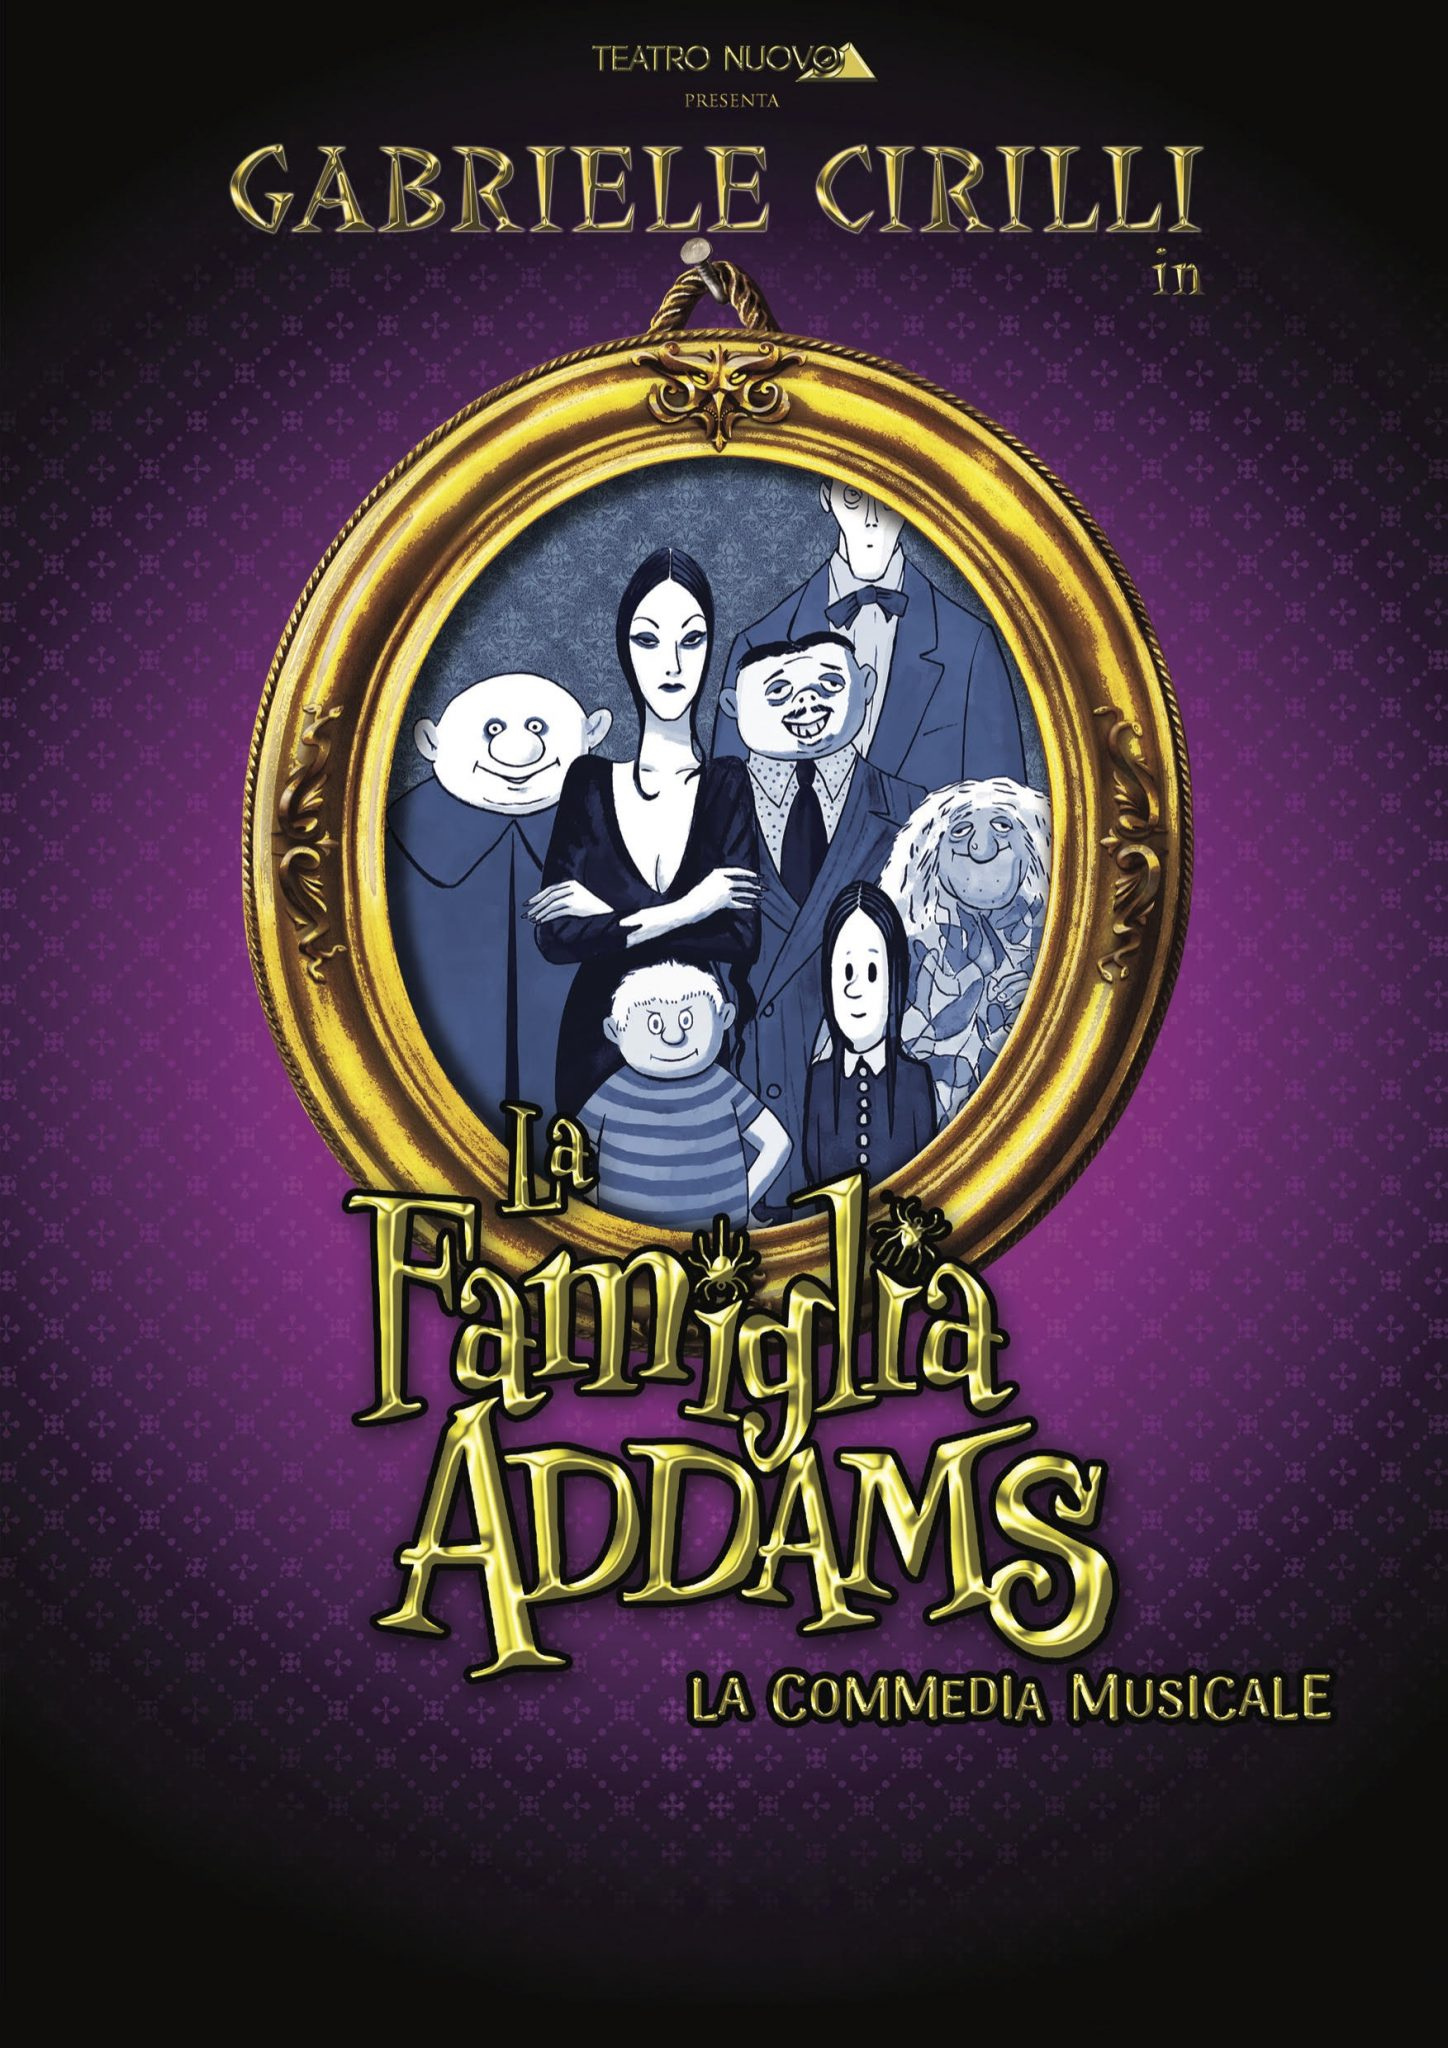 Tour italiano per La famiglia Addams con la regia di Claudio Insegno